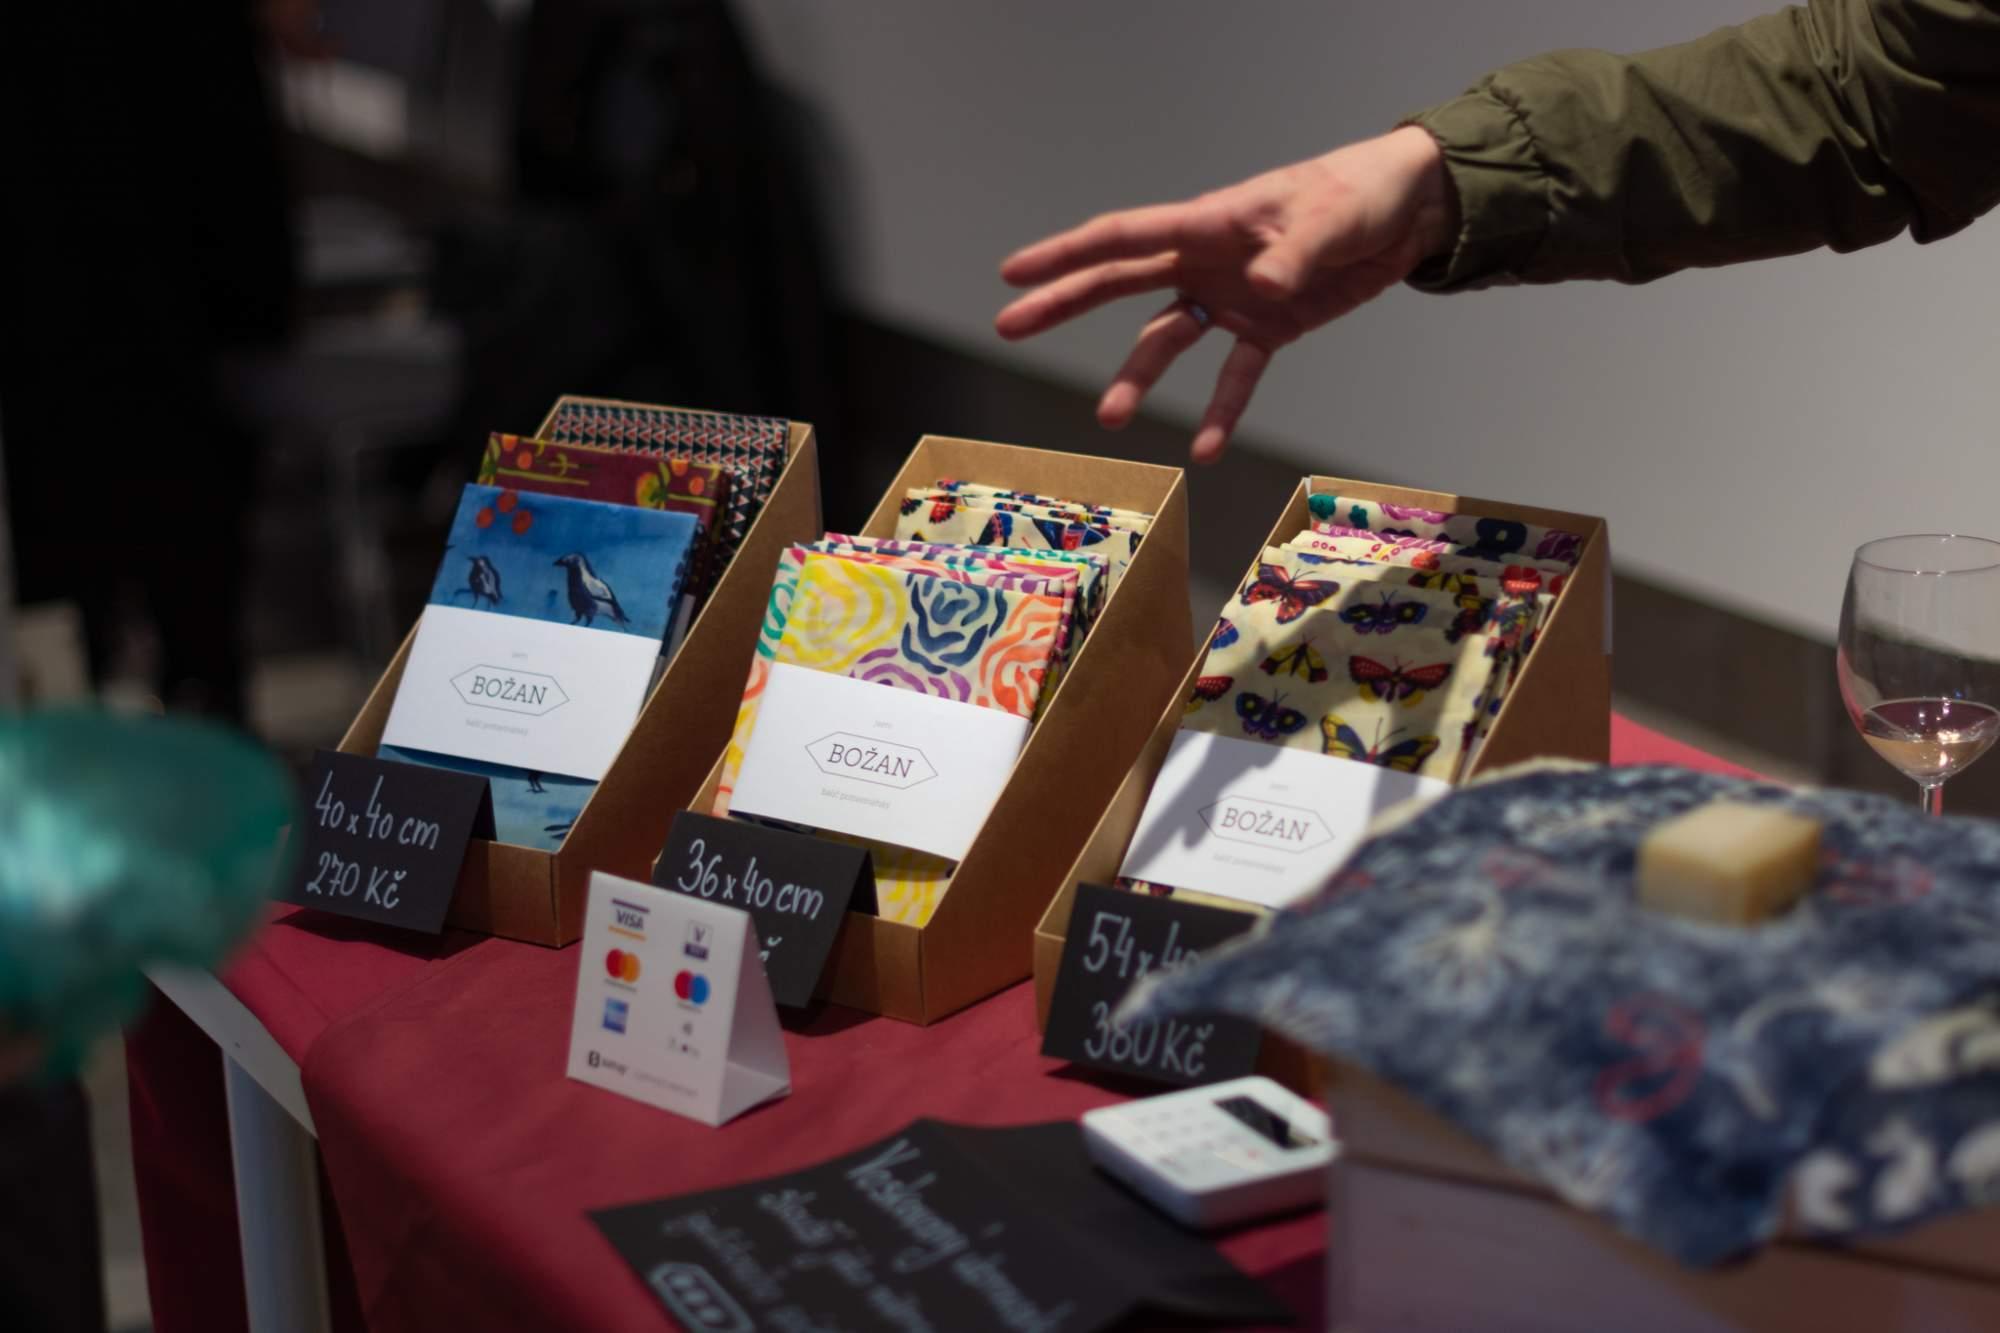 Kateřina Raspopčeva prodávala alternativu igelitových sáčků. Foto: Anna Viktorinová